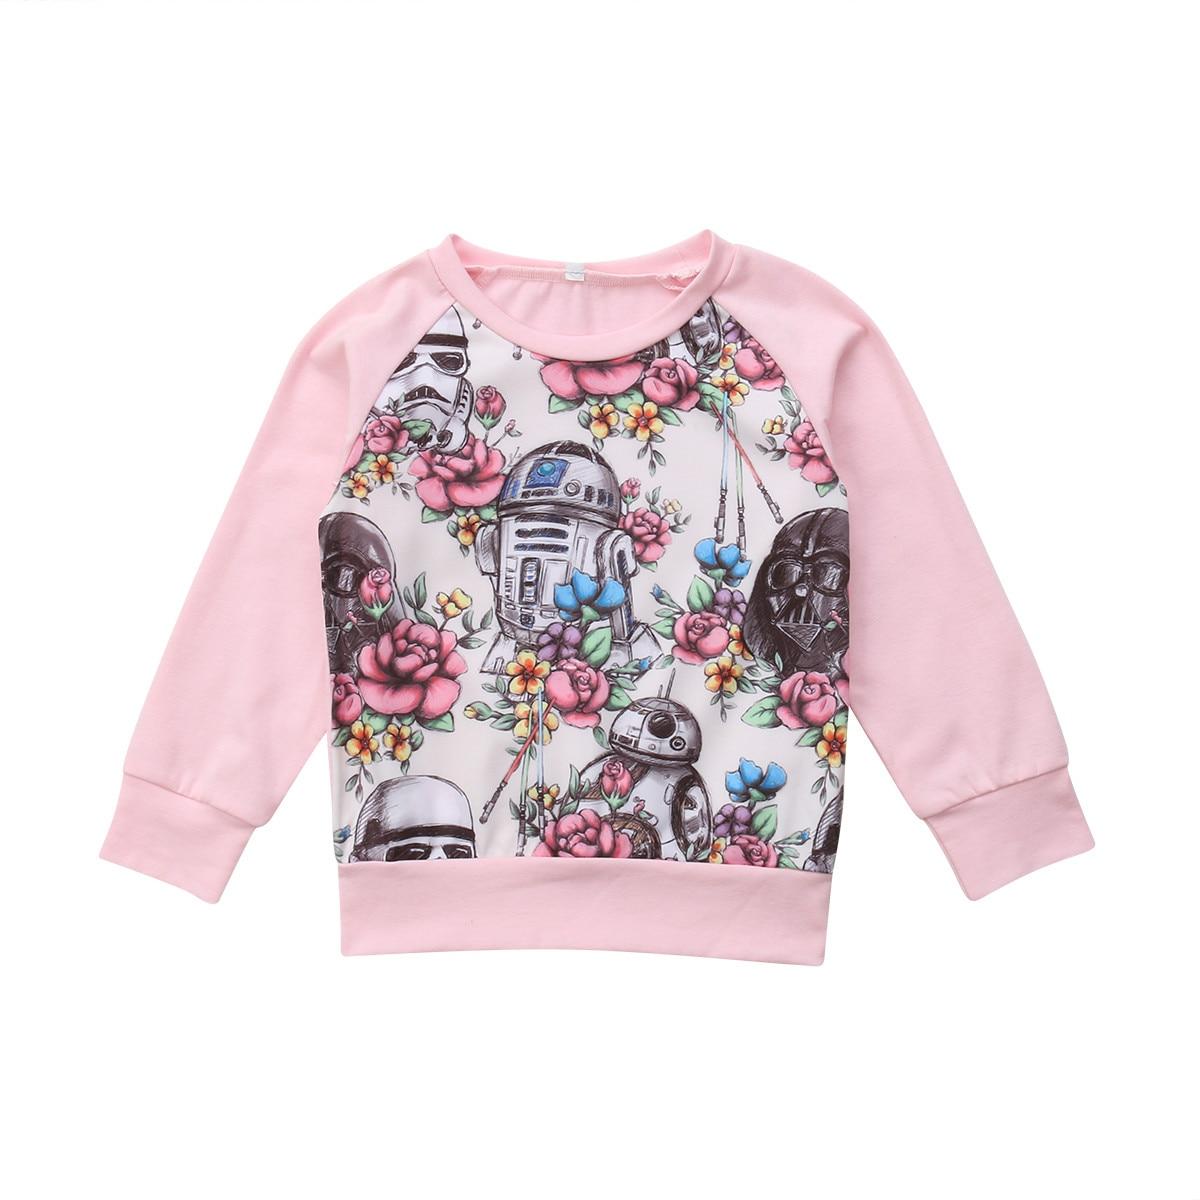 Pullover Sweatshirts Gerade 2018 Marke Neue Mode Kleinkind Baby Mädchen Casual Herbst Sweatshirts Floral Langarm Tops T-shirt Casual Baumwolle Kleidung 6m-4y Nachfrage üBer Dem Angebot Mädchen Kleidung